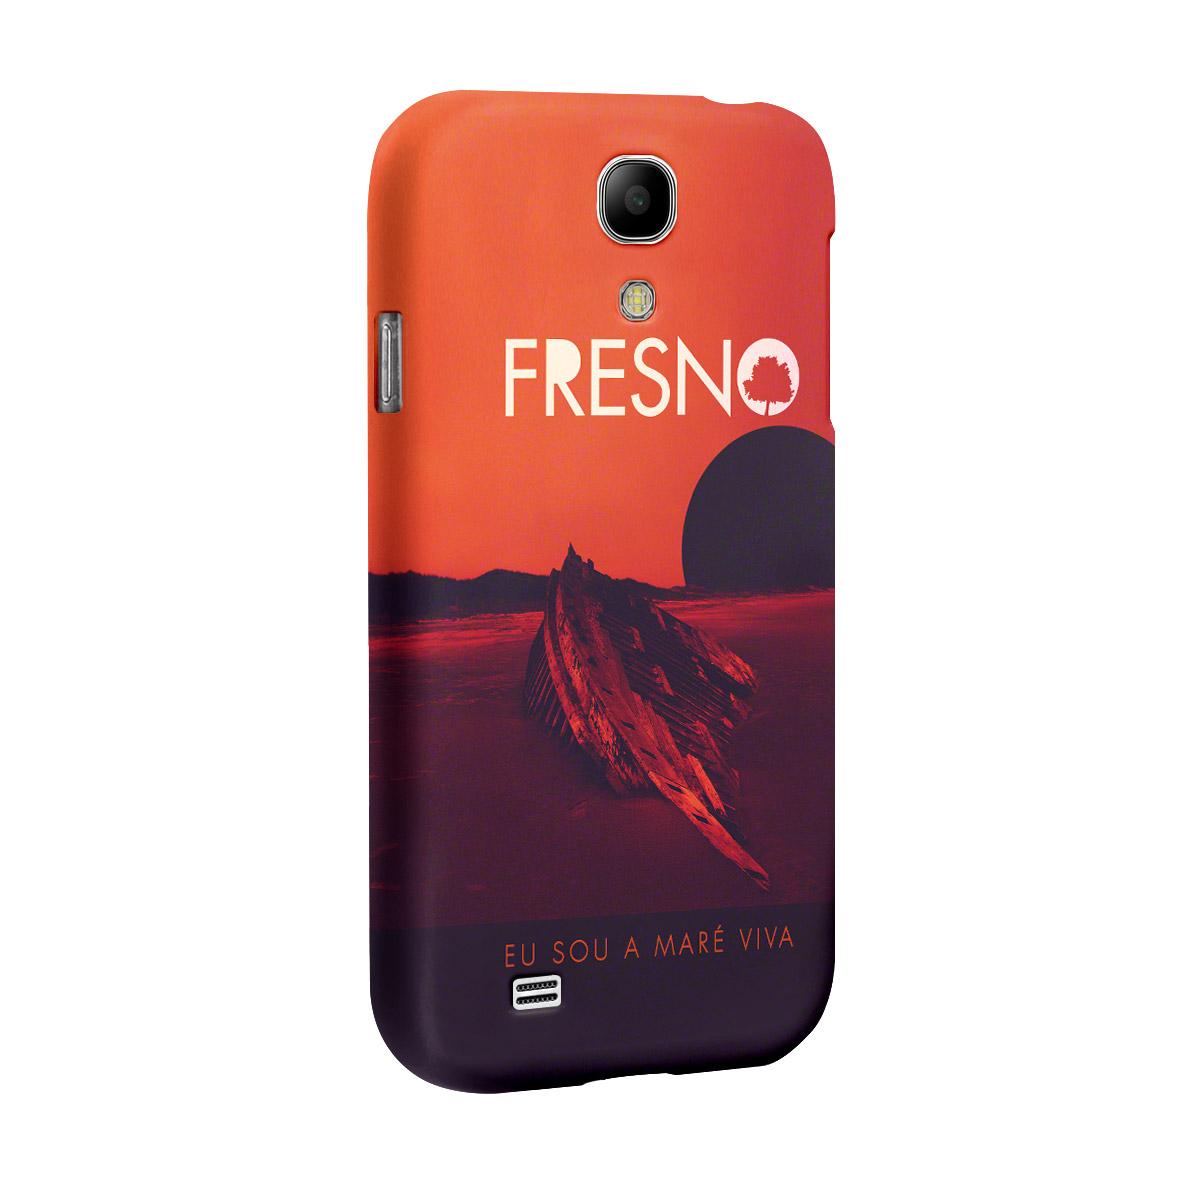 Capa de Celular Samsung Galaxy S4 Fresno Capa EP